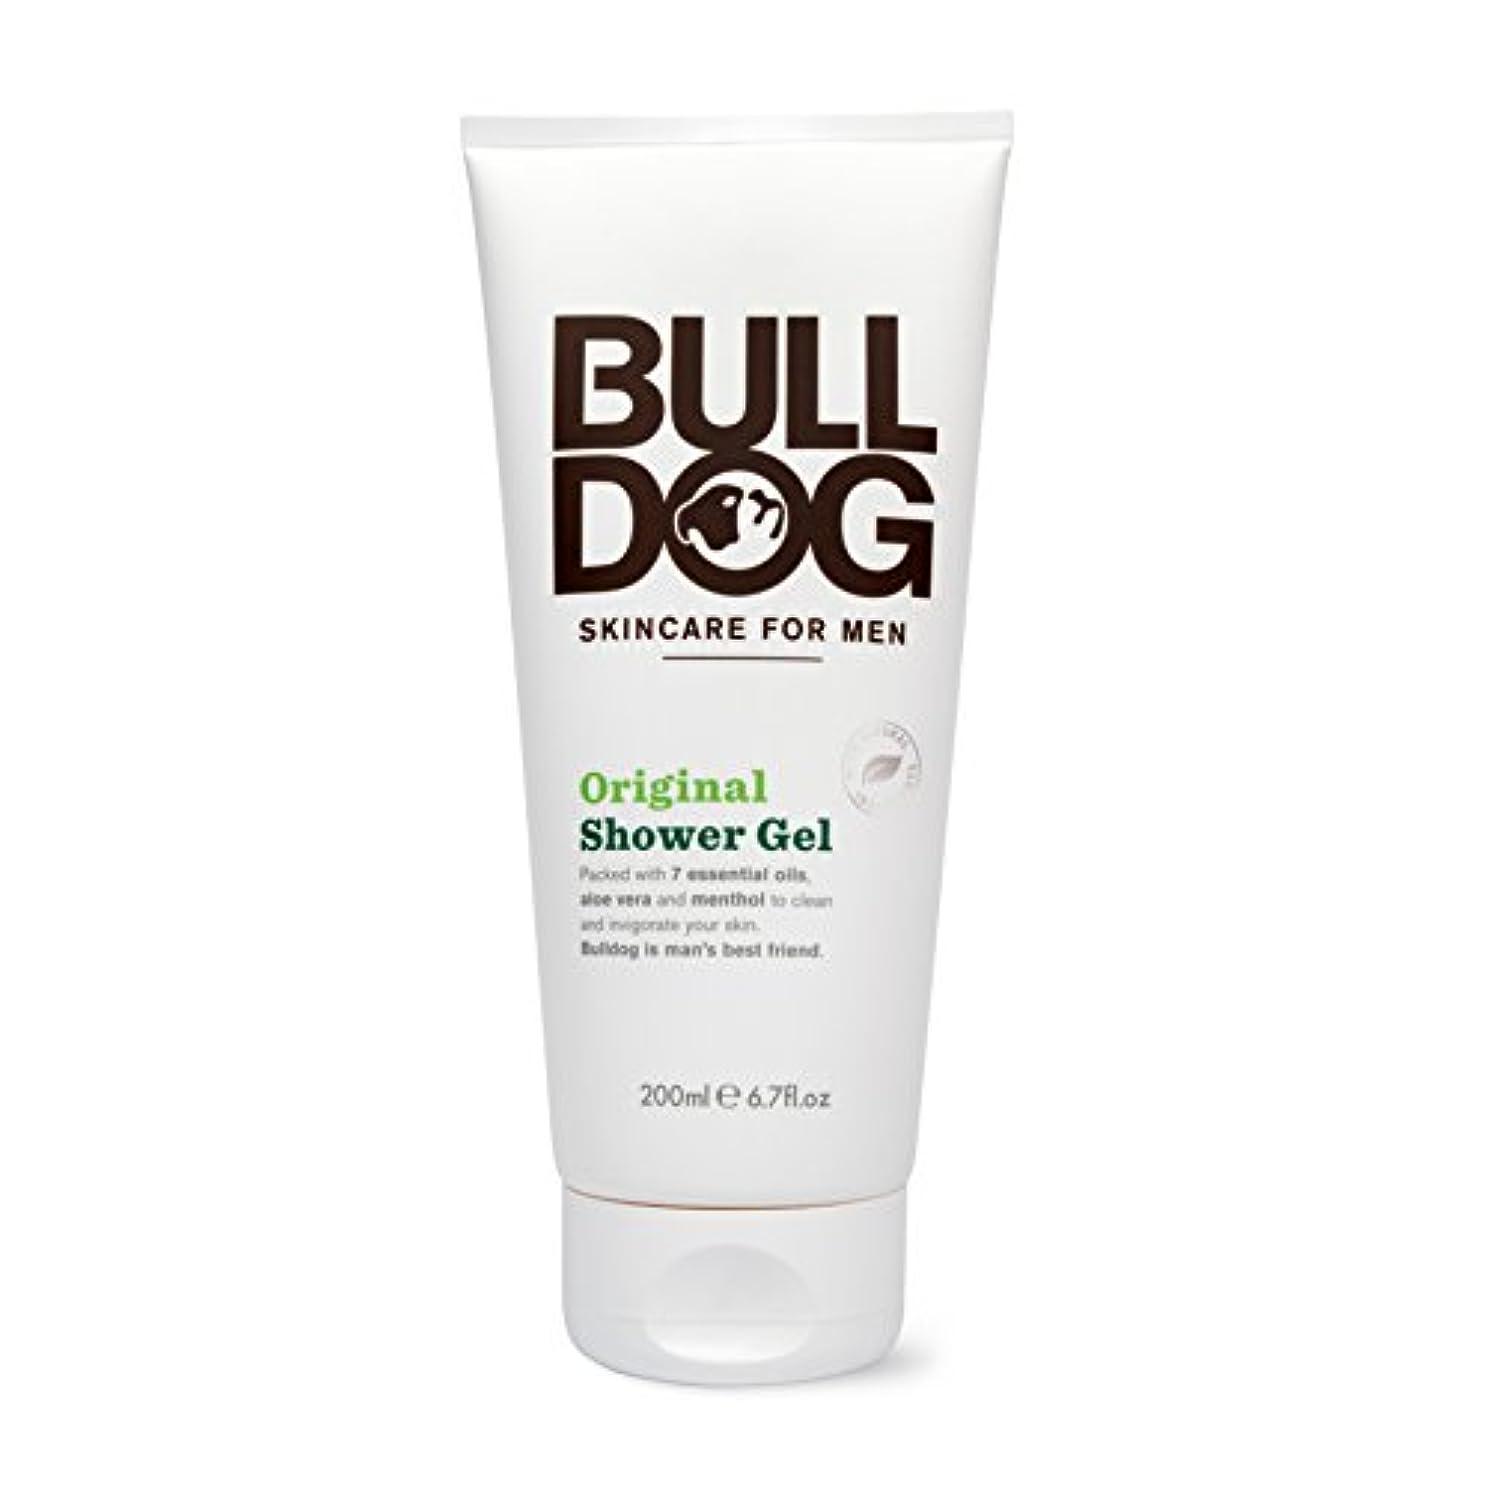 鉛現金噂ブルドッグ Bulldog オリジナル シャワージェル(ボディ用洗浄料) 200mL